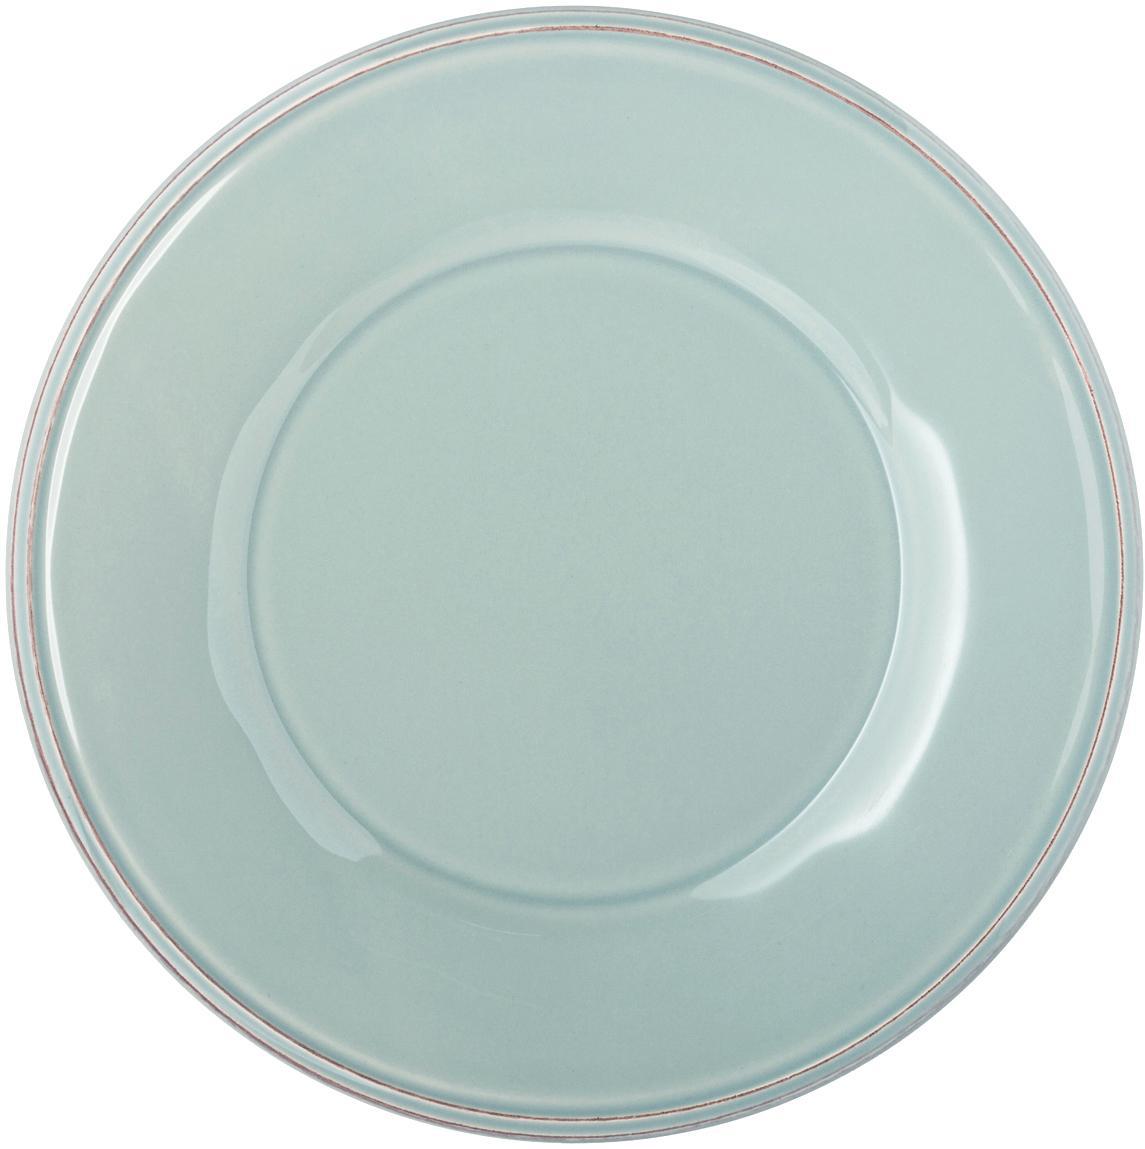 Platos postre Constance, 2uds., estilo rústico, Gres, Azul, turquesa, Ø 24 cm